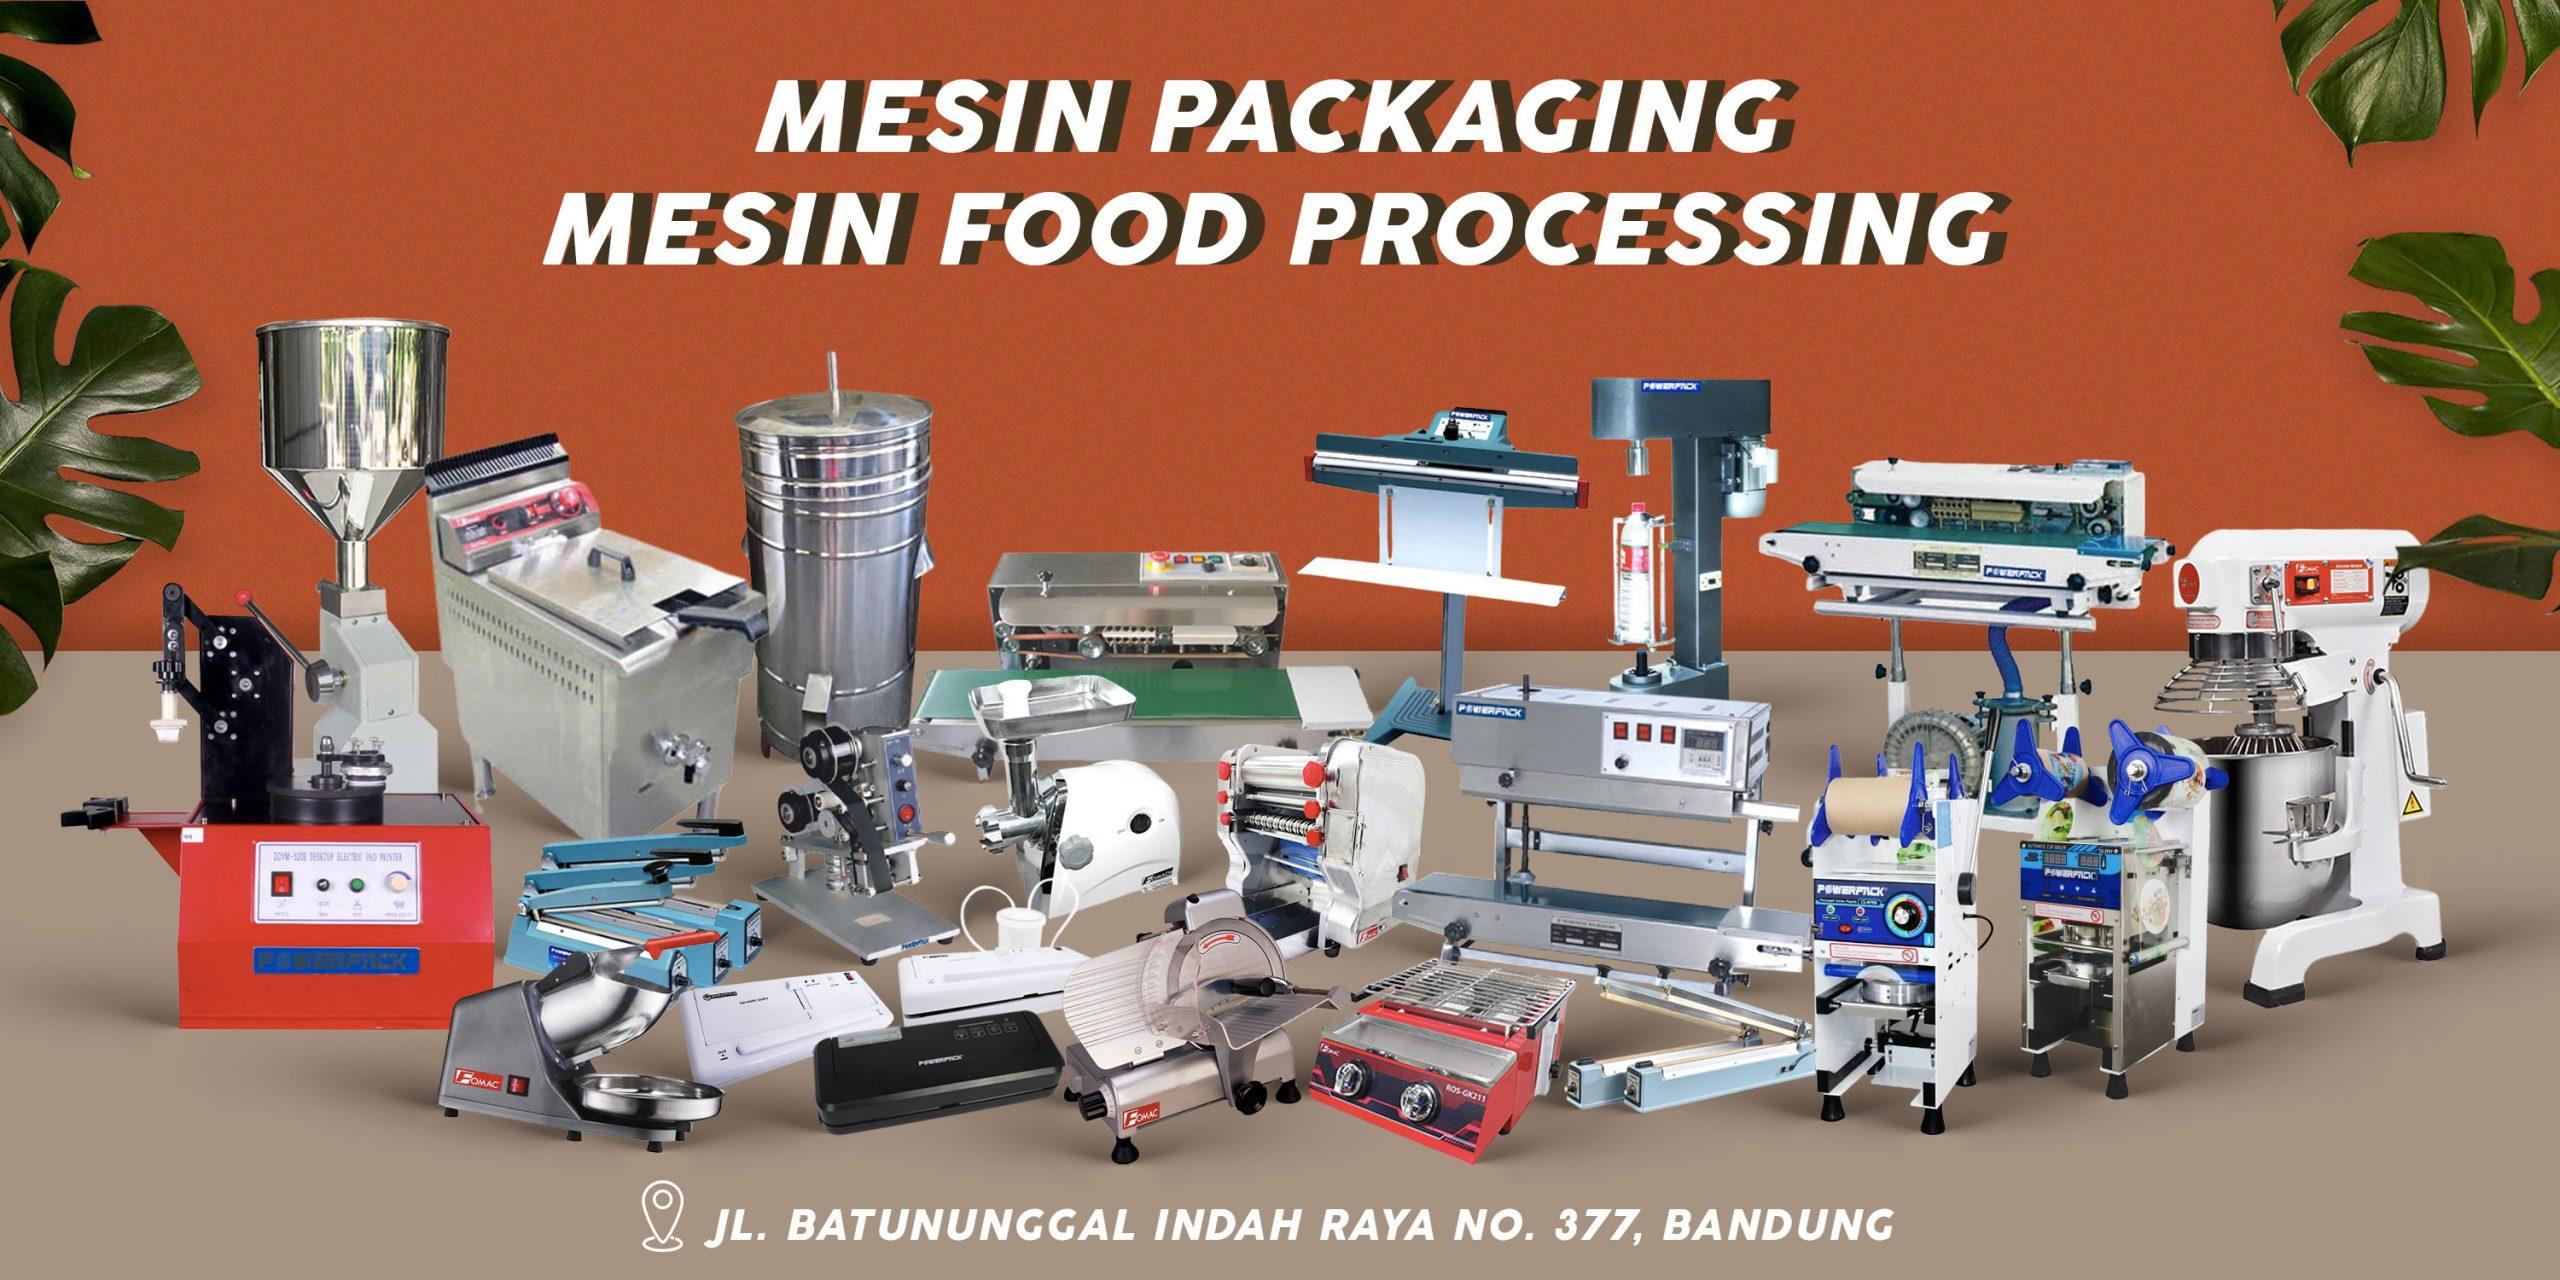 Mesin Packaging